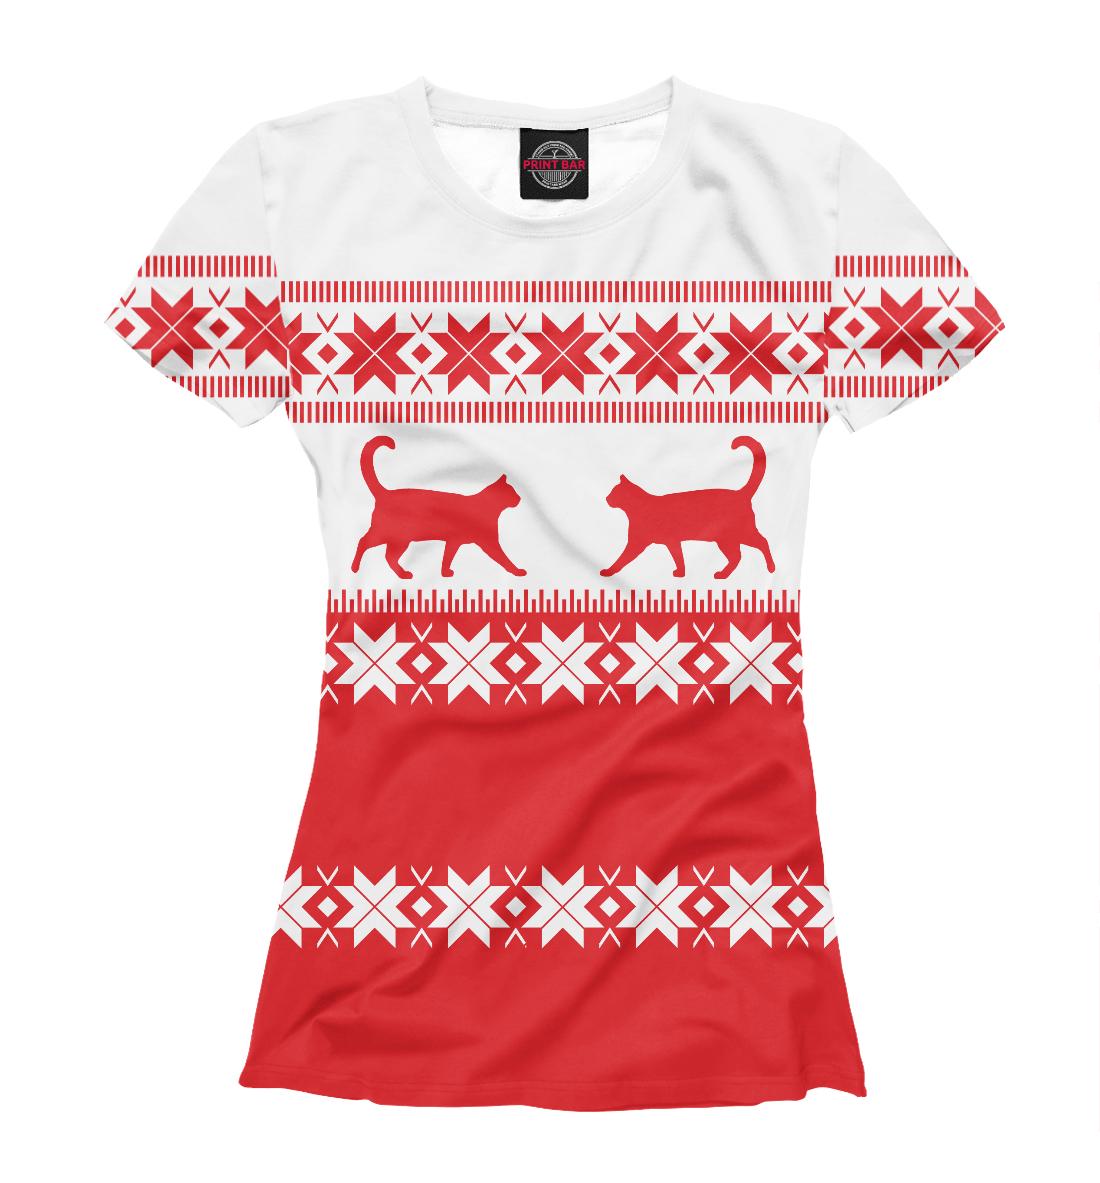 Купить Зимний свитер с котами, Printbar, Футболки, CAT-395386-fut-1